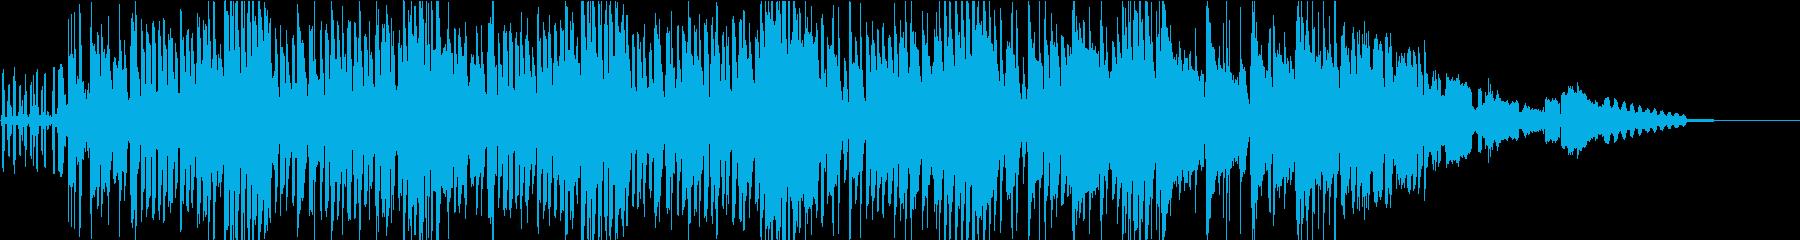 短縮版】チープな雰囲気の尺八和風の再生済みの波形